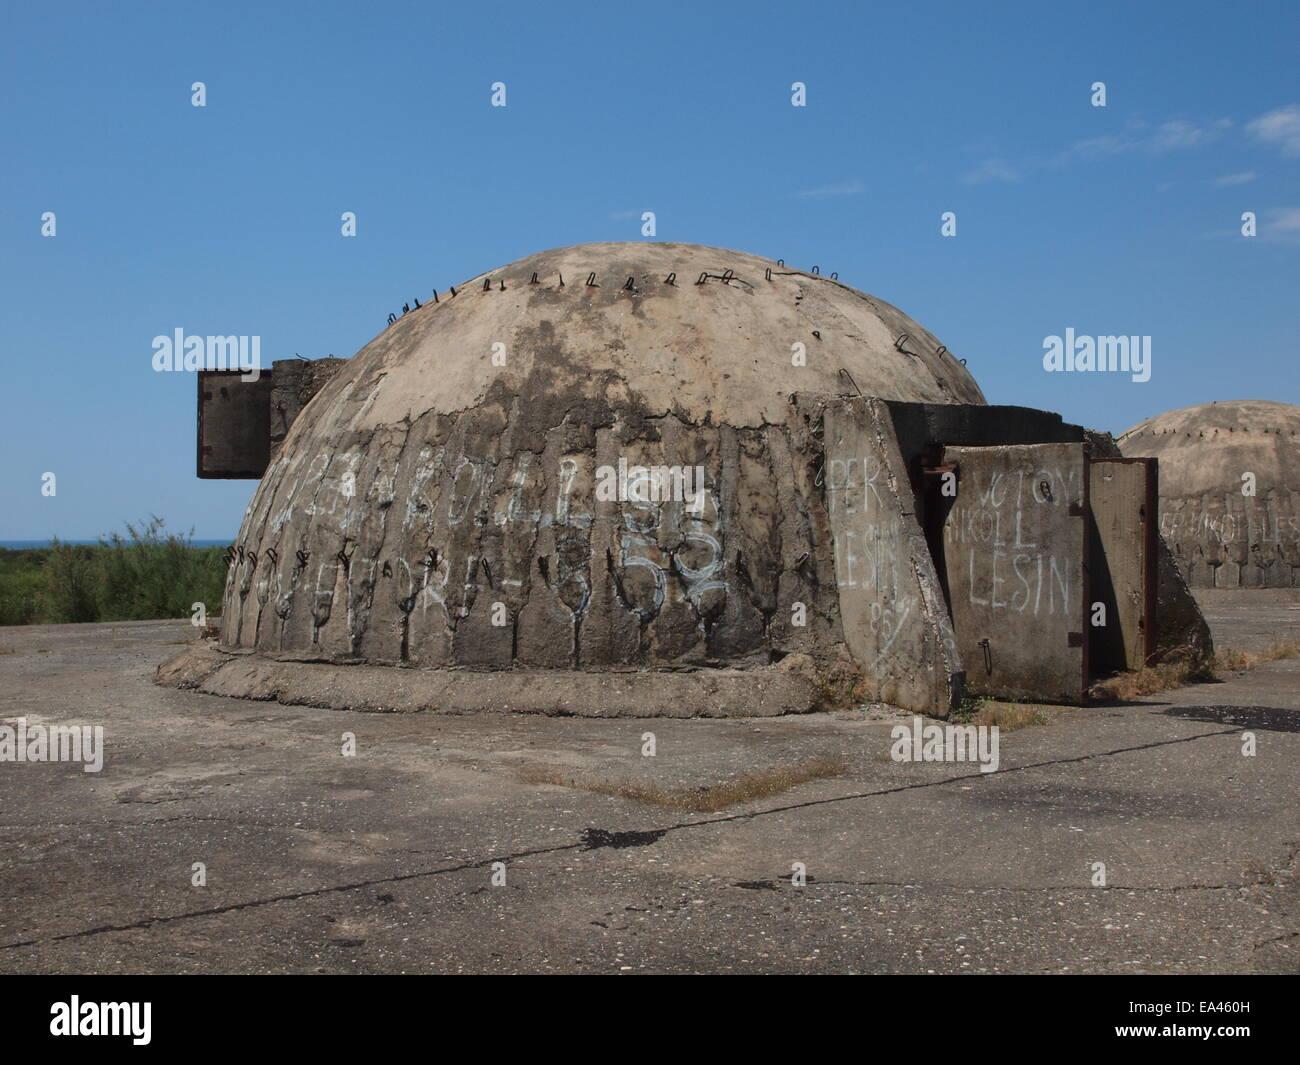 Bunker in Albania - Stock Image